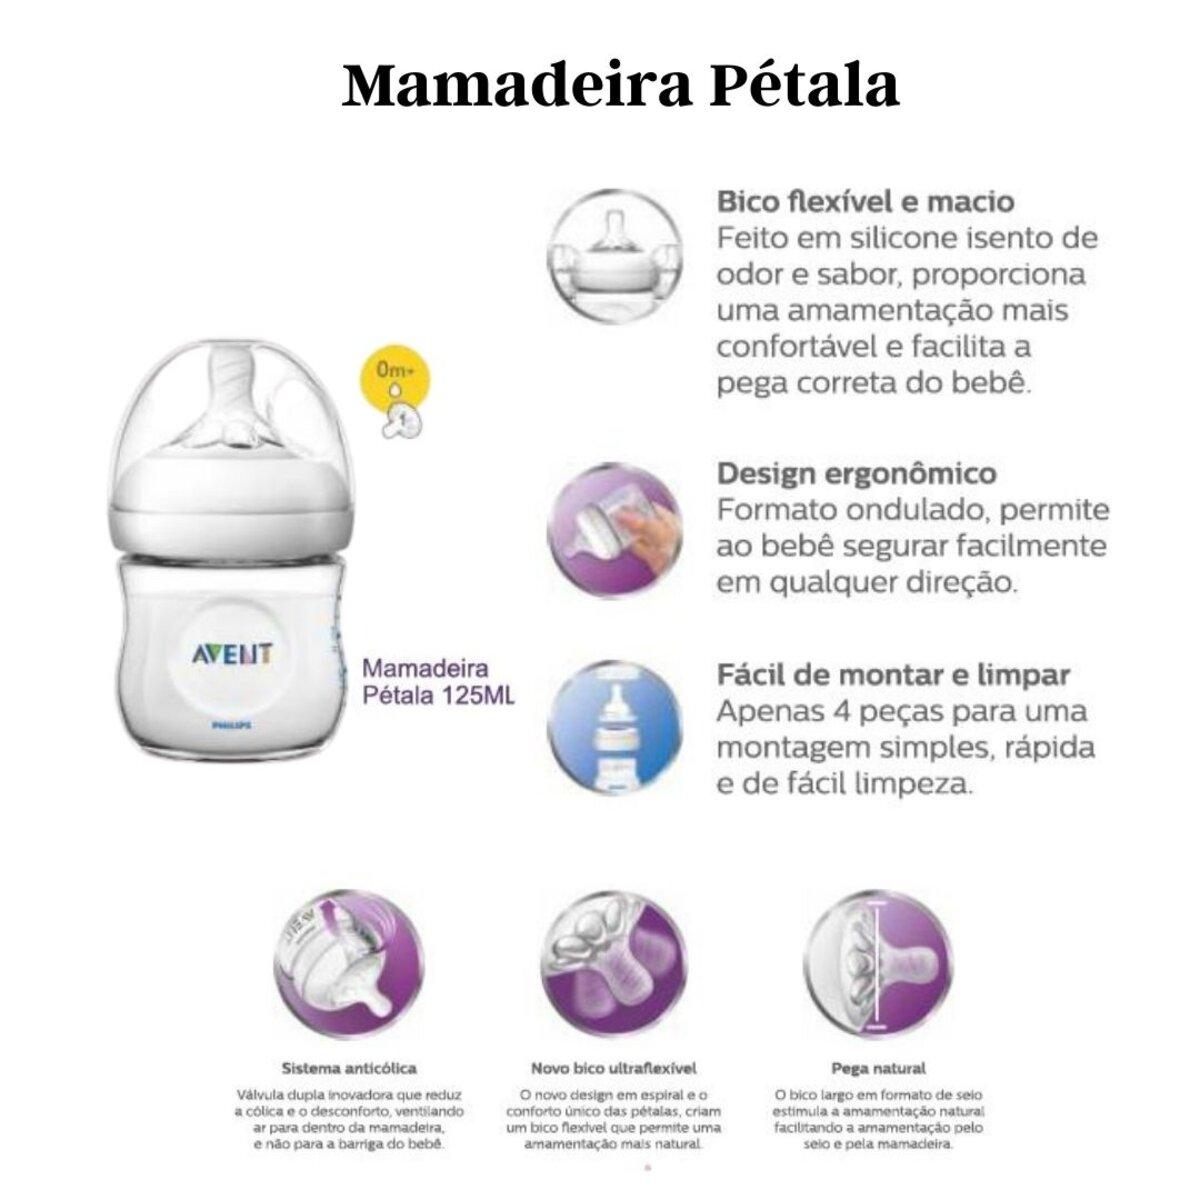 Kit 2 Mamadeiras Pétala 125ml E 260ml - Philips Avent